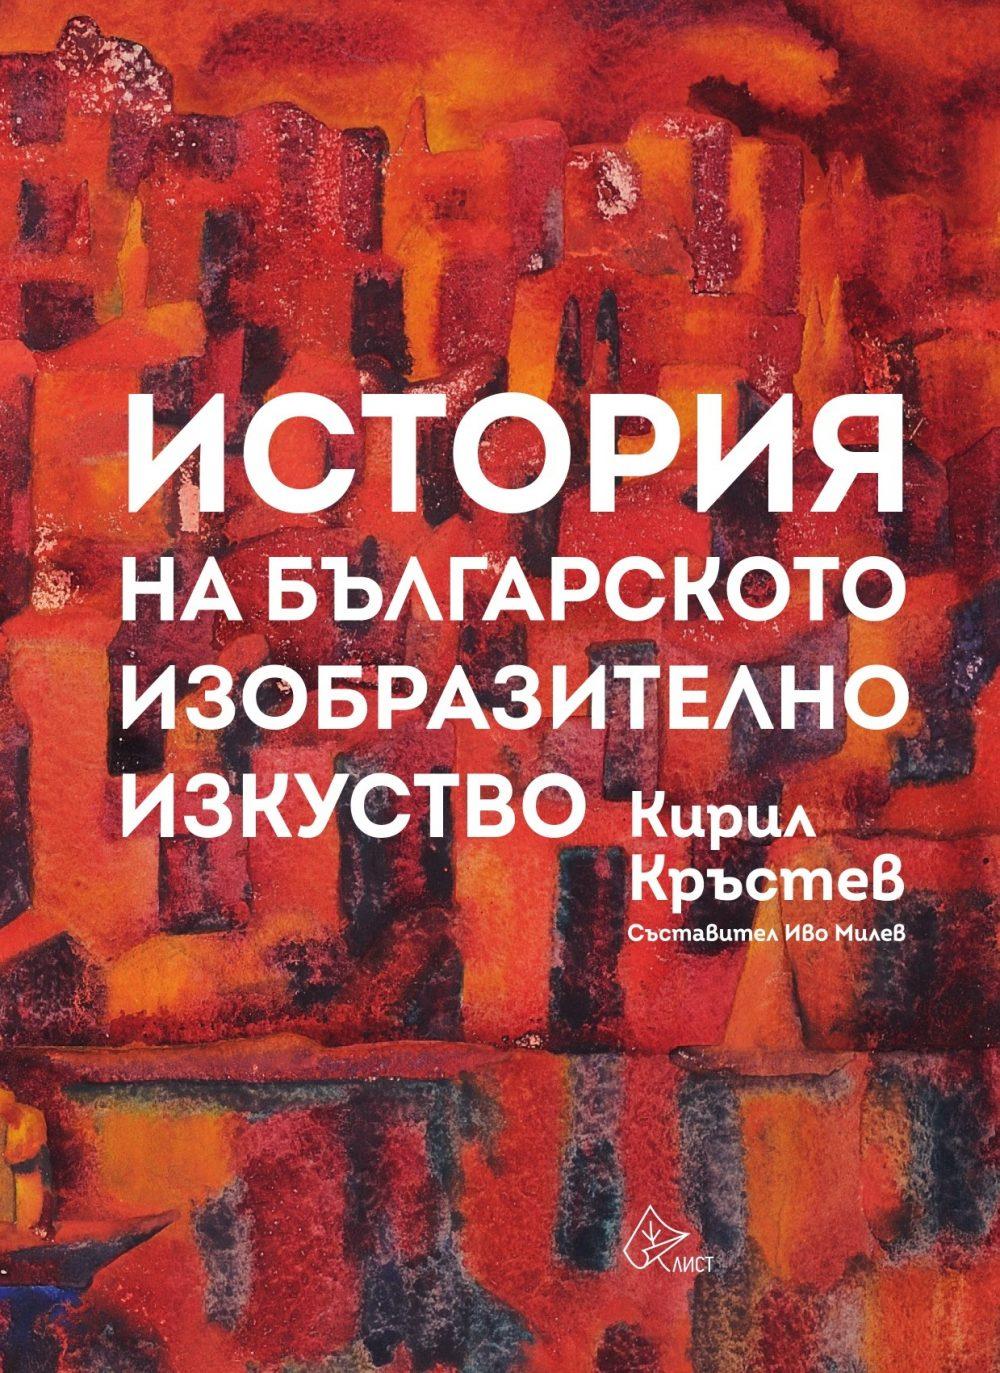 История на българското изобразително изкуство от Кирил Кръстев